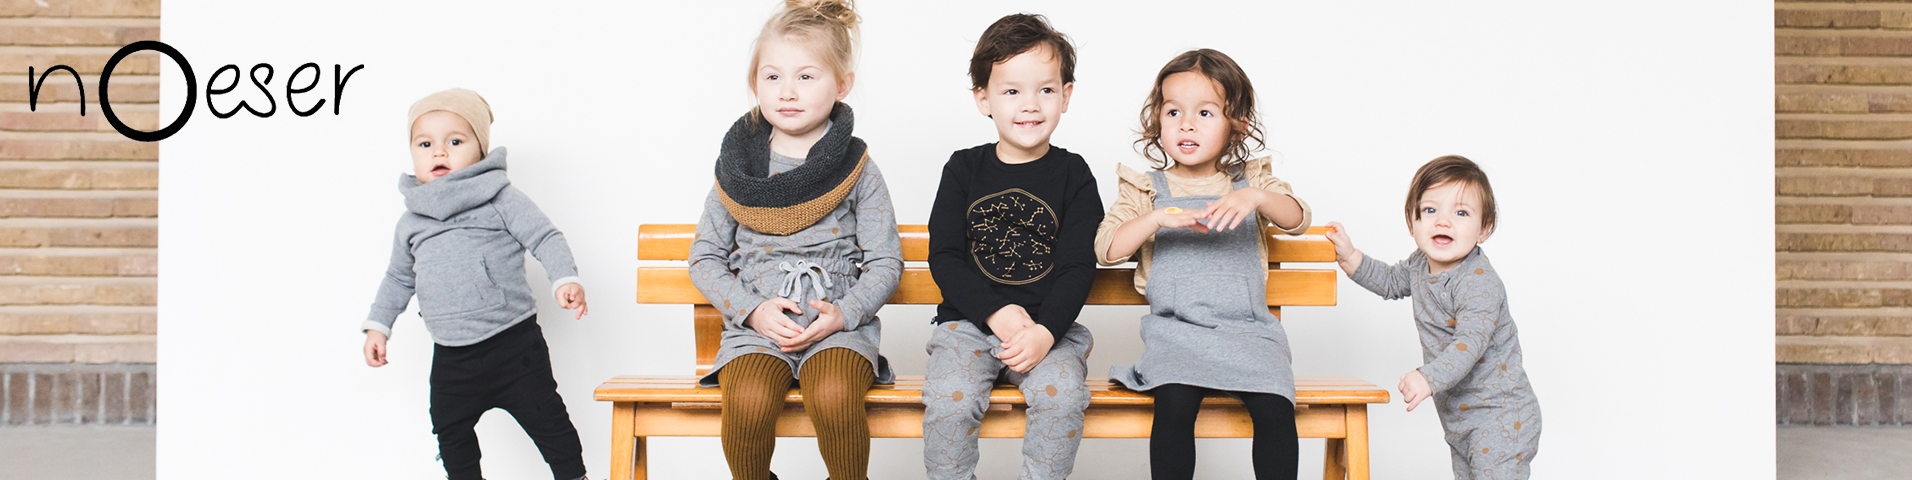 Kinderkleding Zalando.Noeser Outlet Kinderkleding Zalando Ontdek Het Hier